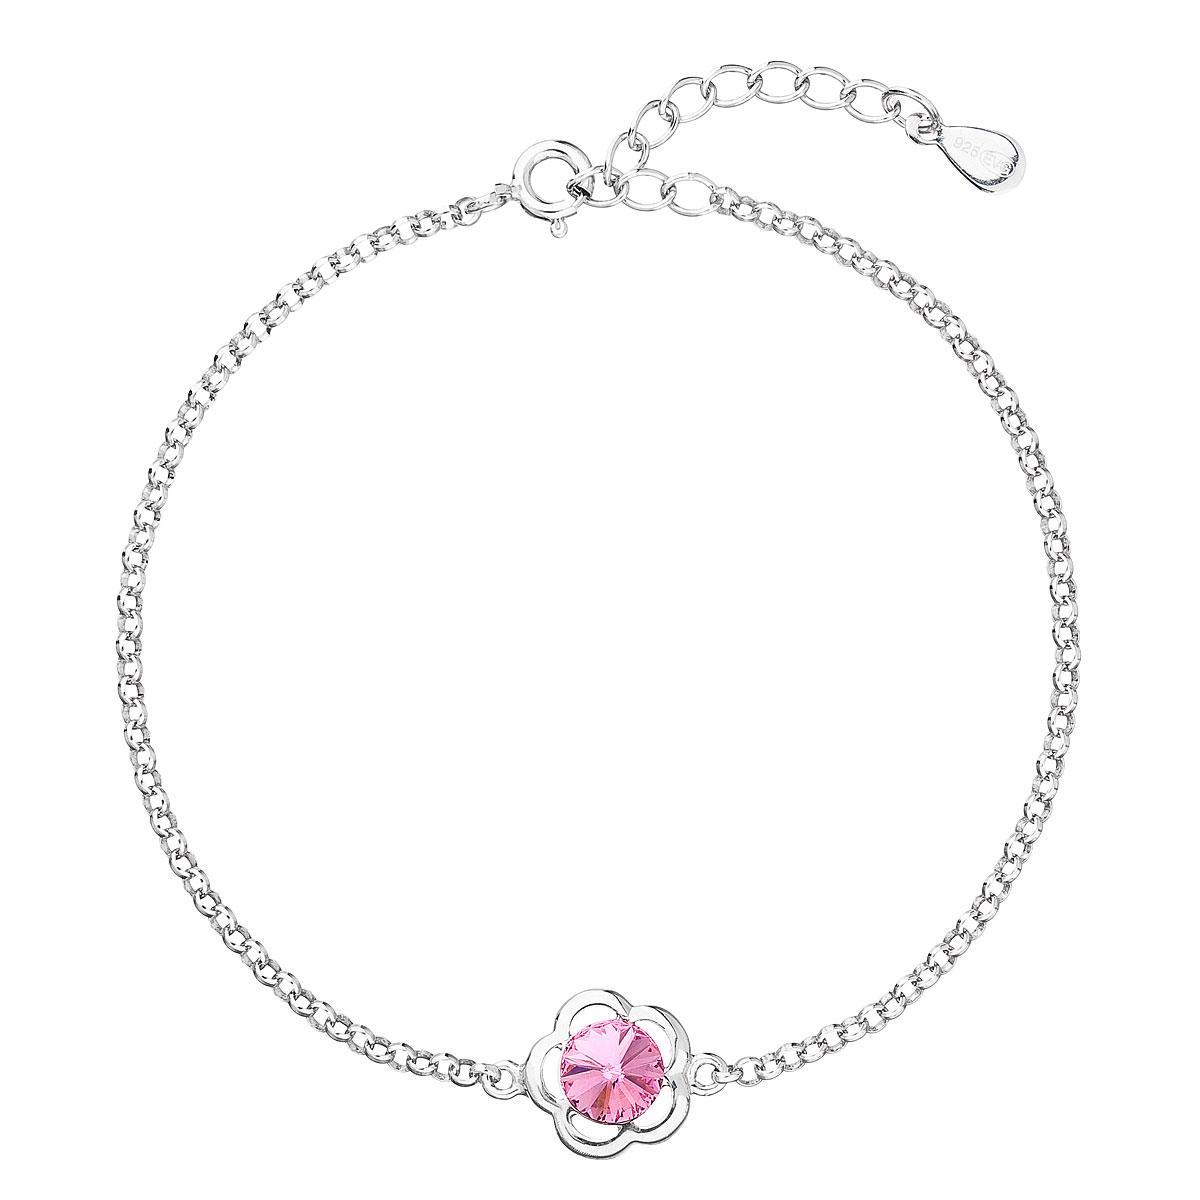 Evolution Group Stříbrný náramek se Swarovski krystaly růžová kytička 33117.3